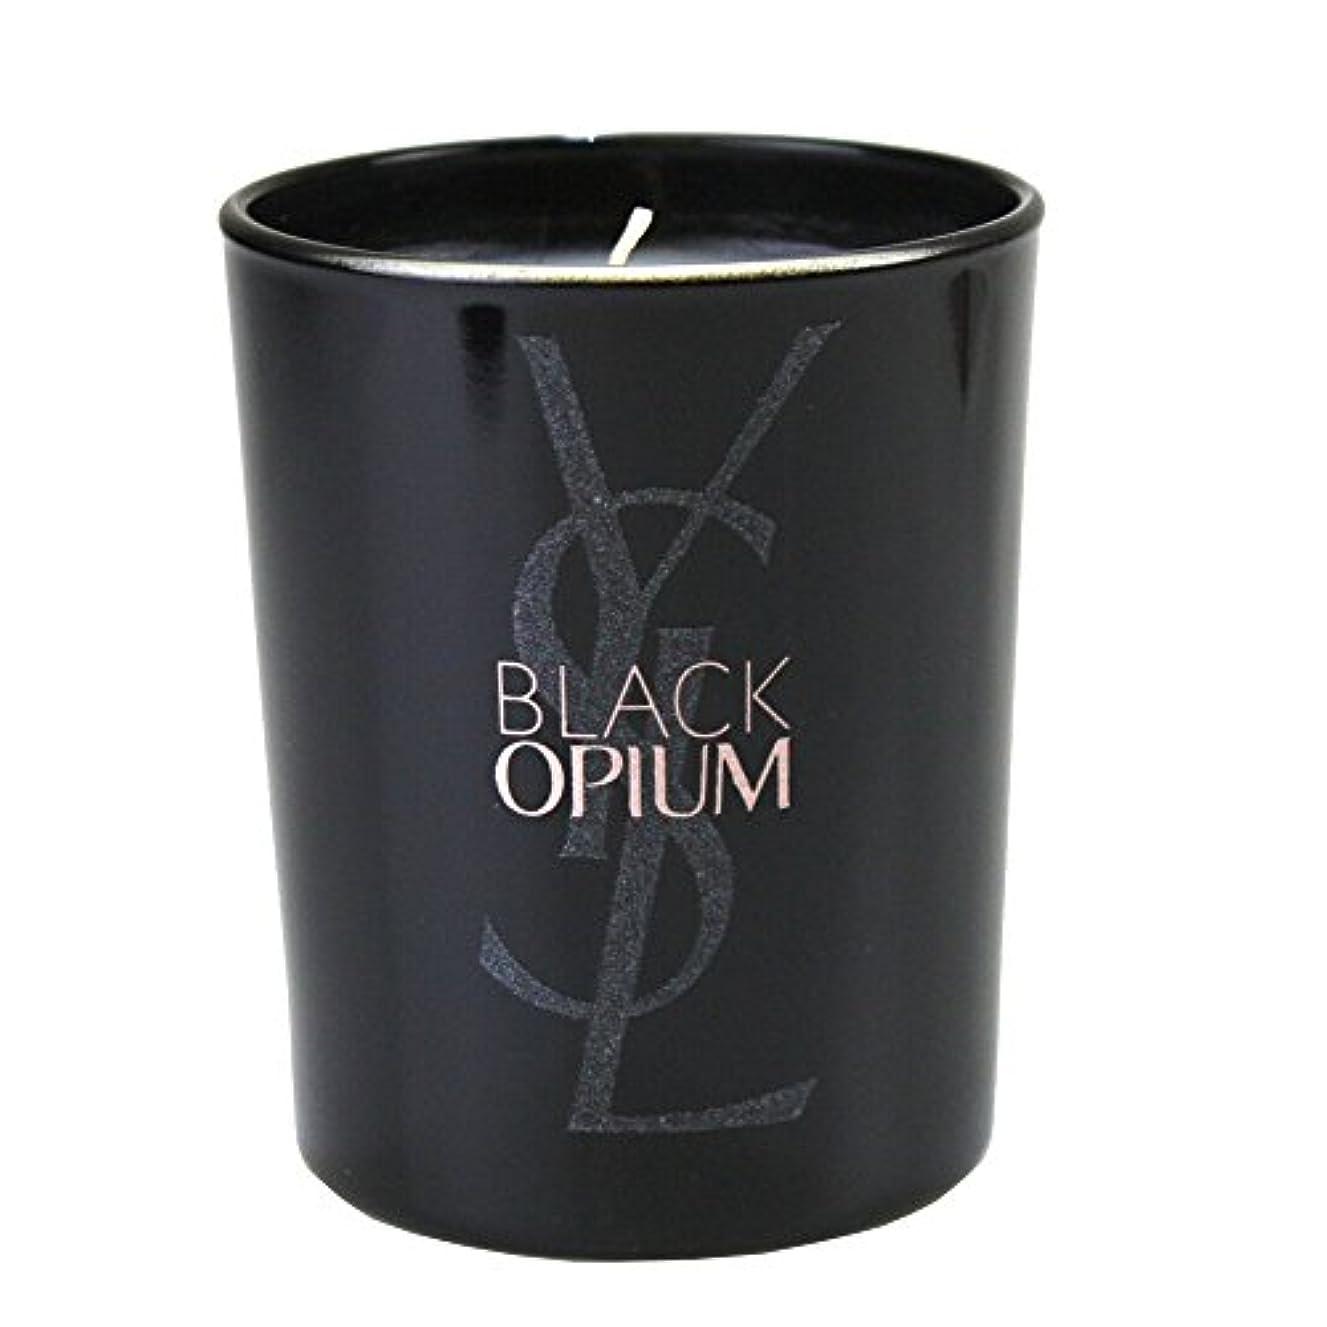 指導するズボン予想する(イヴ サンローラン) Yves saint Laurent アロマキャンドル パリジェンヌ BLACK OPIUM 化粧 メイク コスメ ロゴ 黒 ブラック フルーティー フローラル コーヒー ジャスミンティーペタル